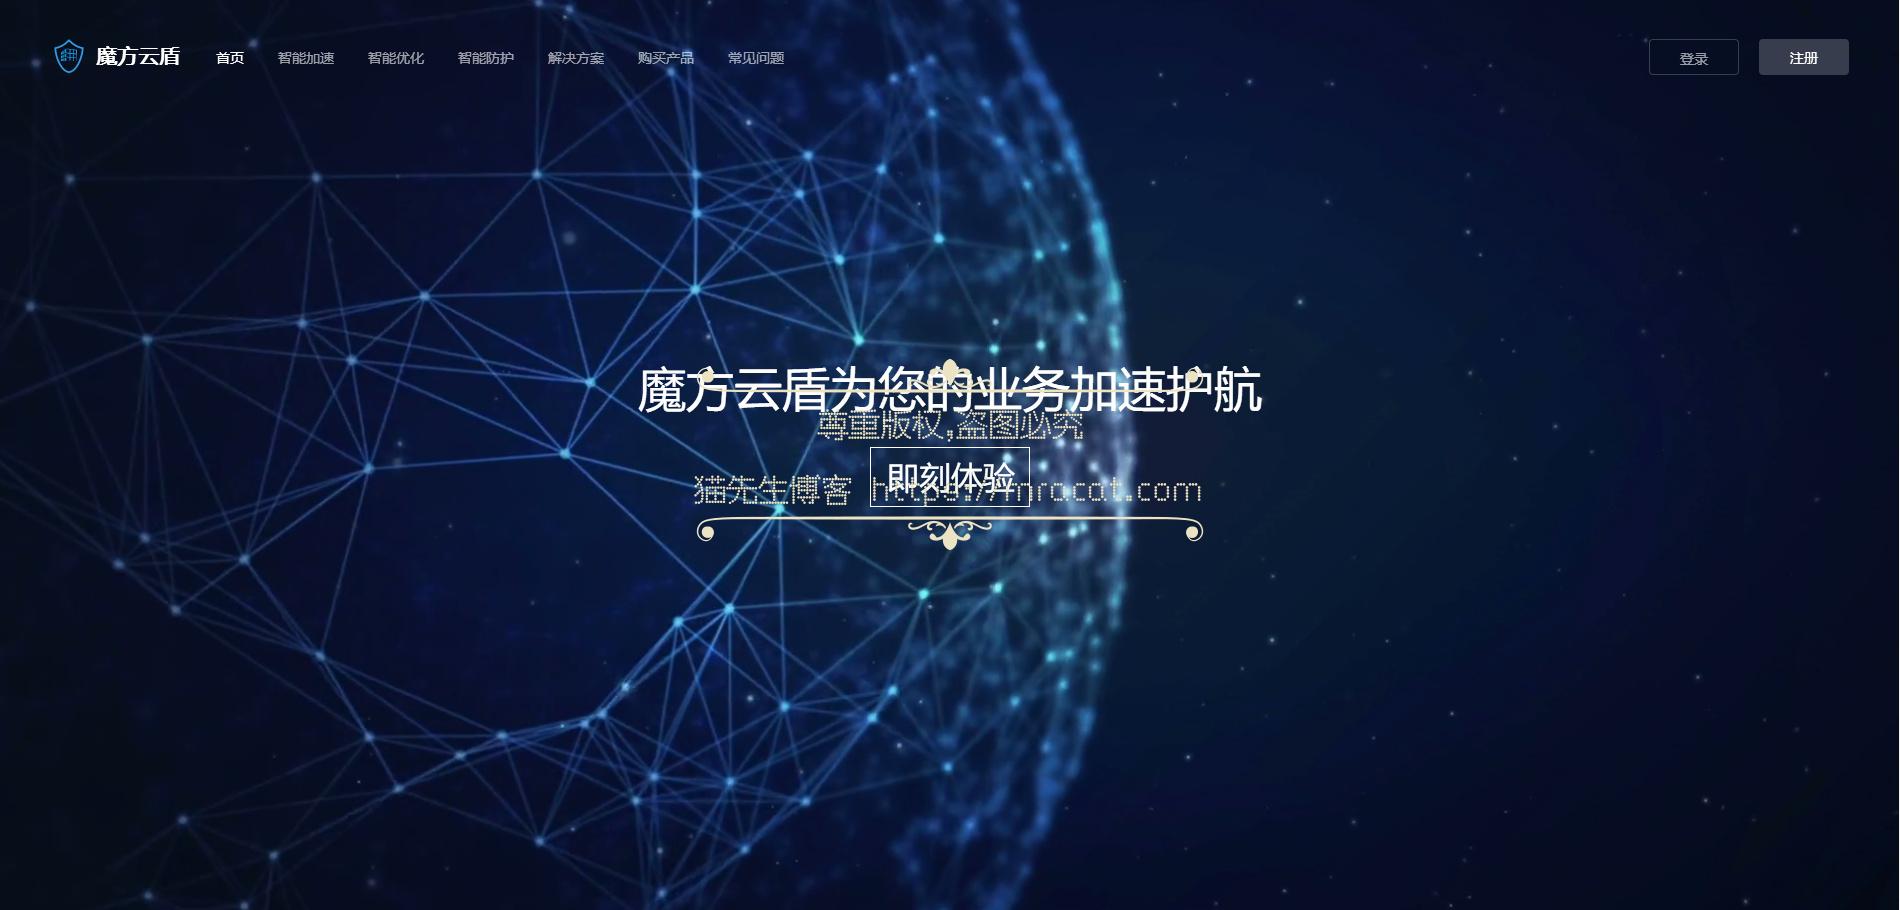 魔方云盾提供免费国内CDN服务(可不BeiAn,支持SSL)